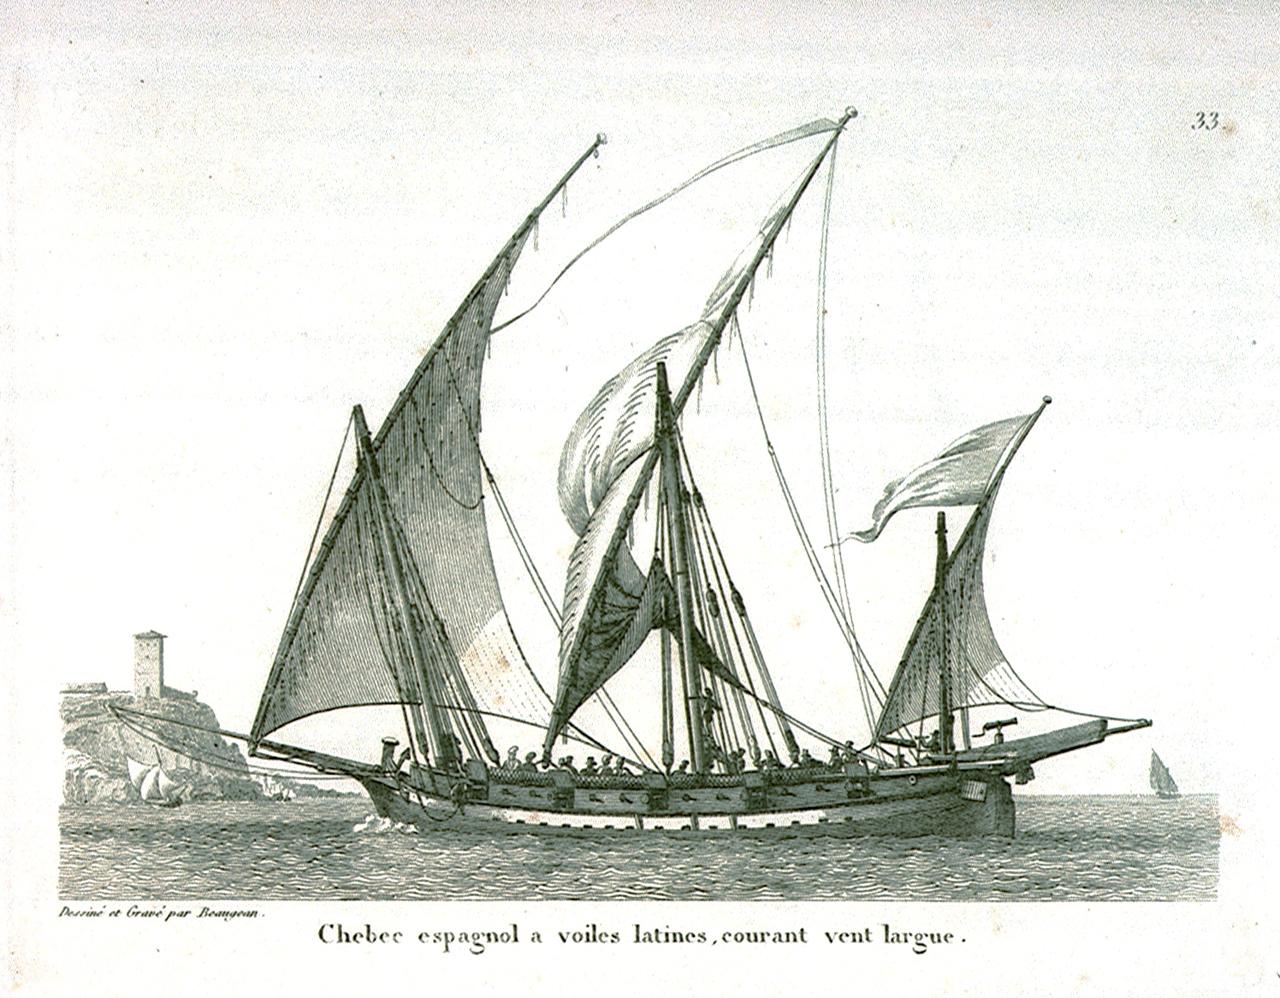 Chébec (Xebec) 1753 - éch 1/60 - Amati Chebec_espagnol_en_1826